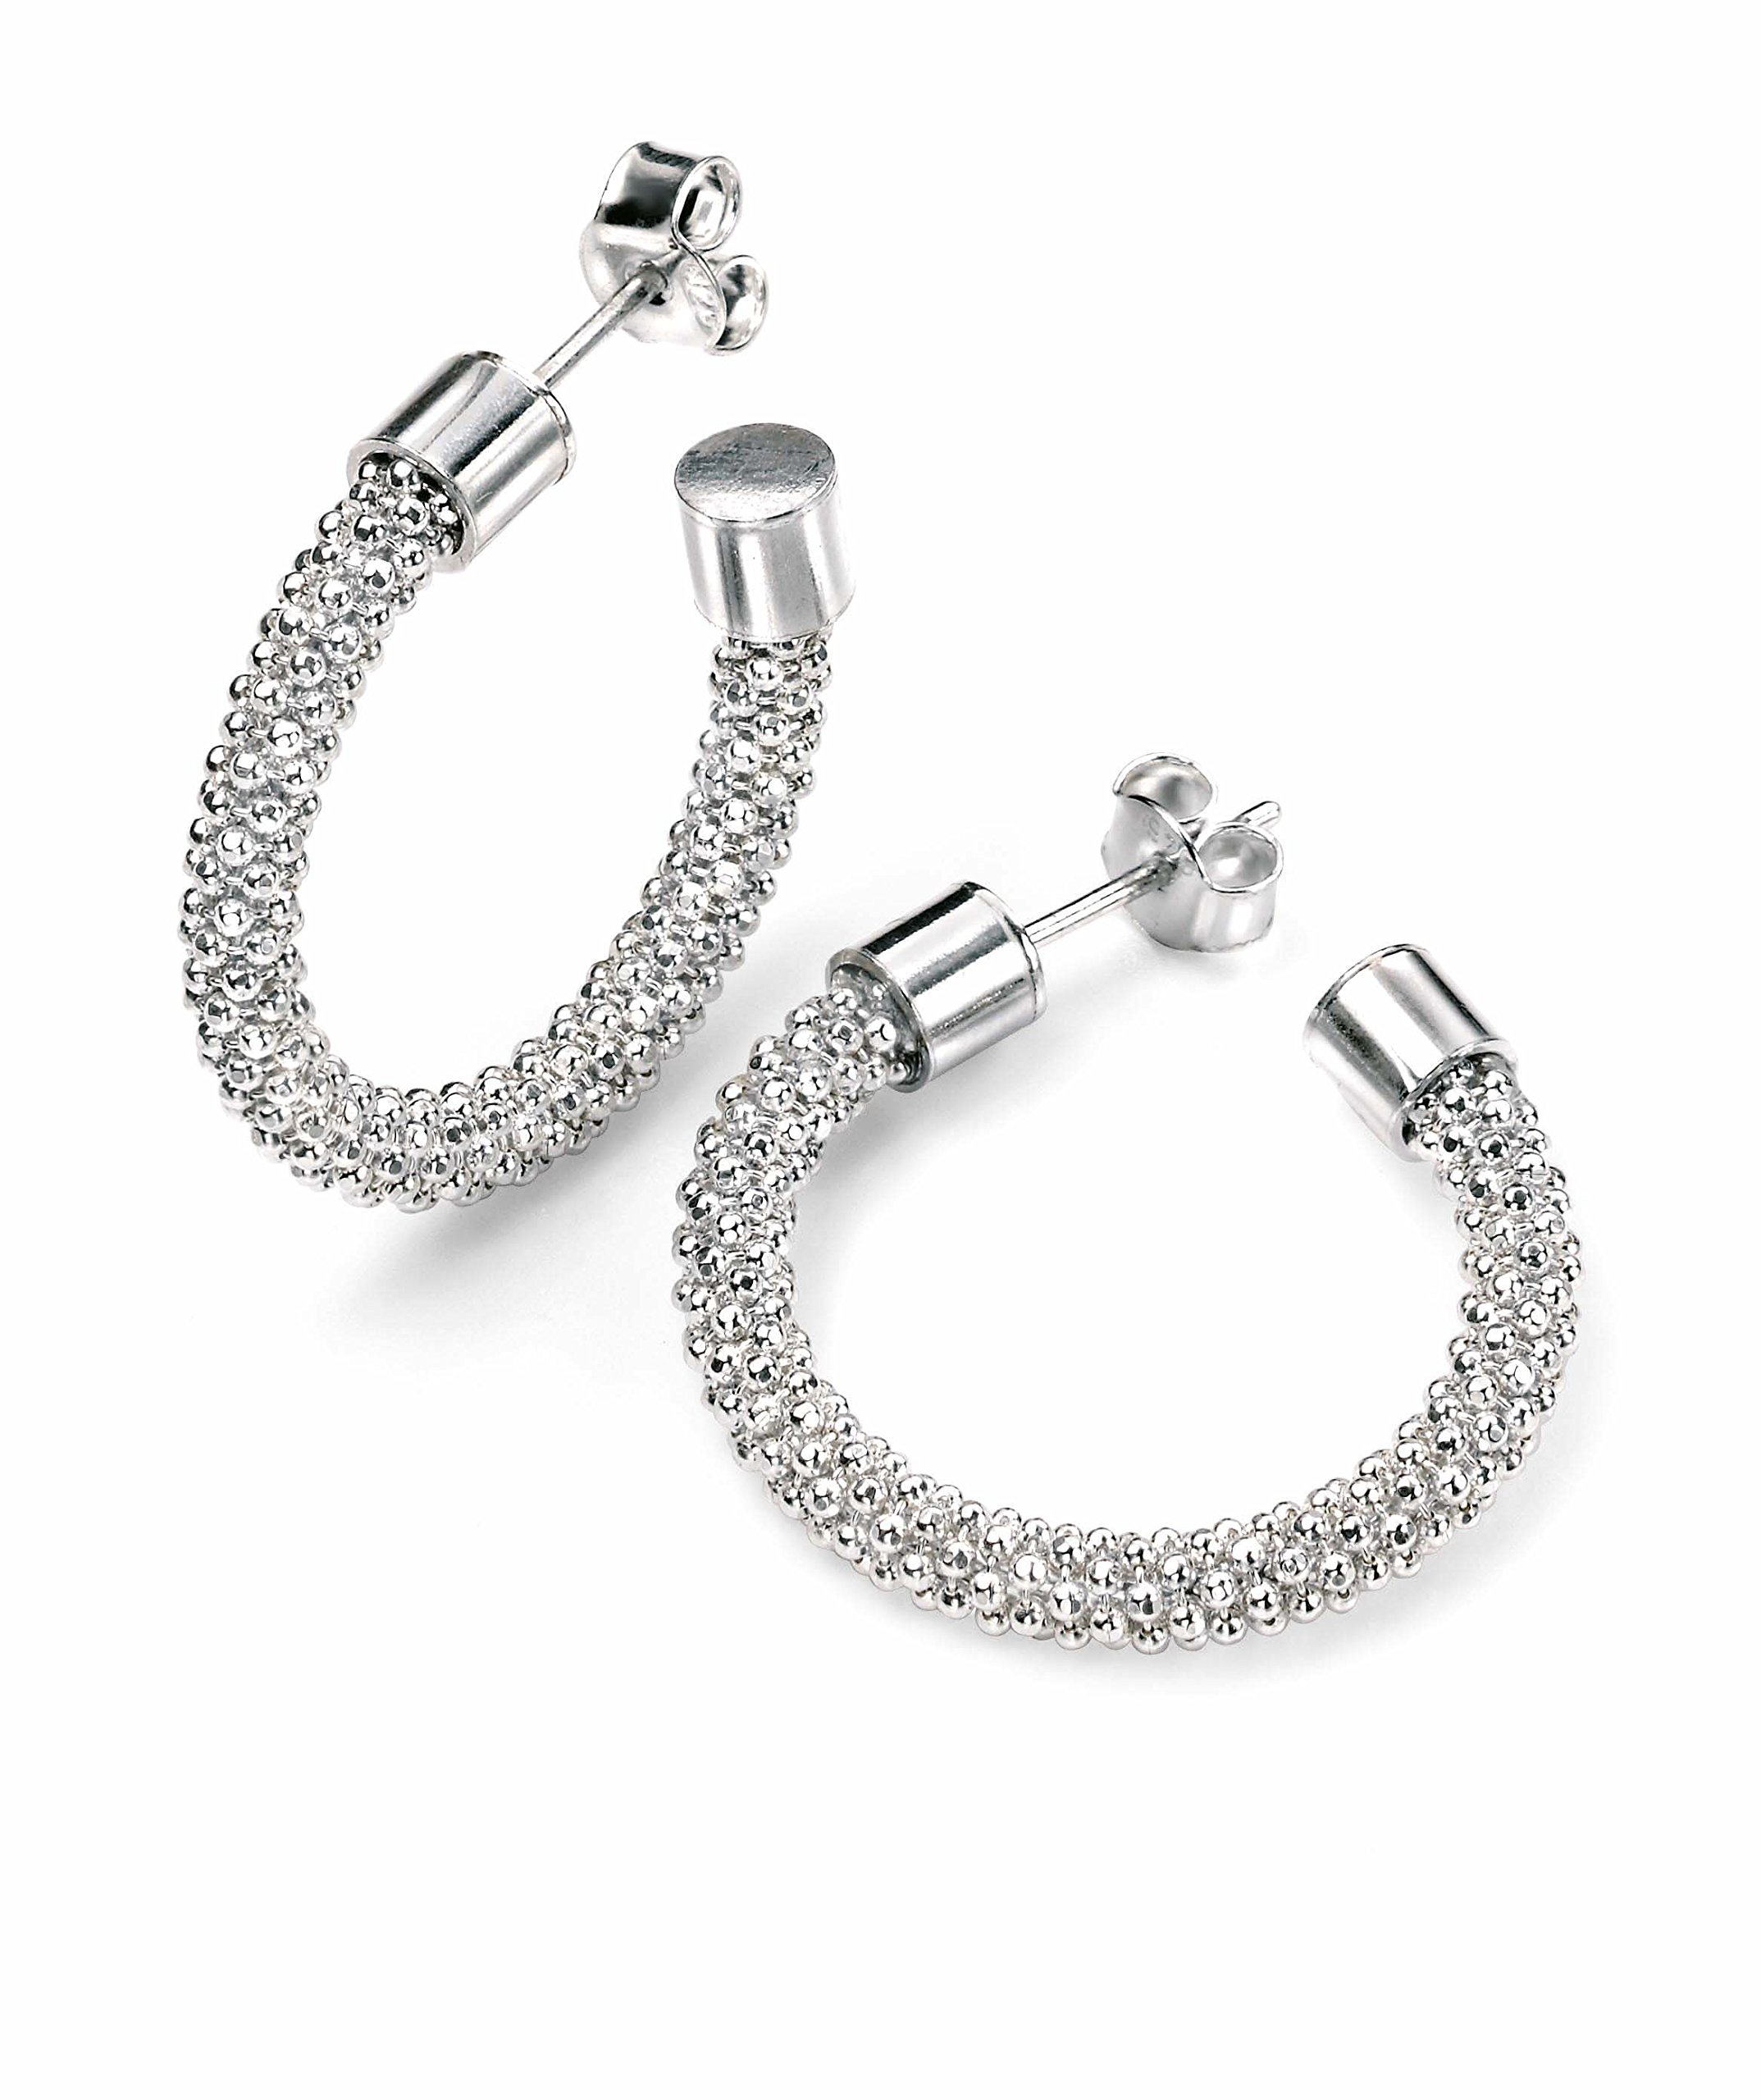 Elements Silver E4493 - Orecchini pendenti da donna, argento sterling 925